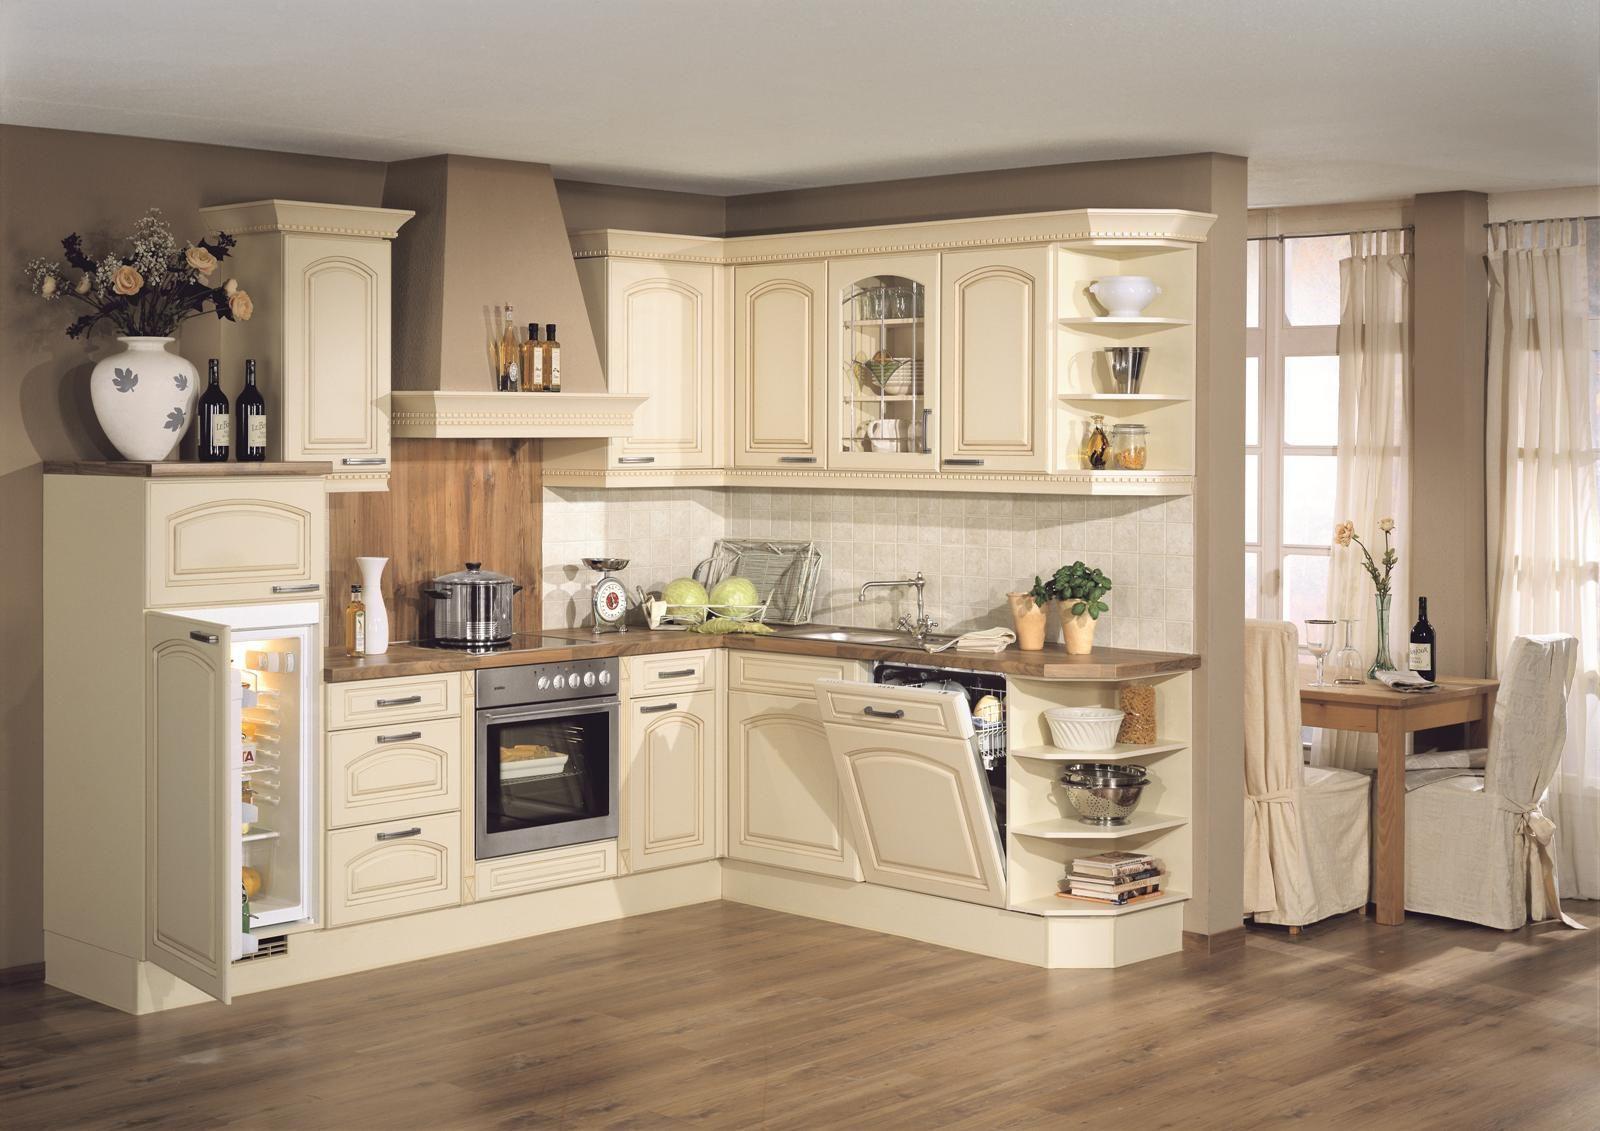 Küche interieur farbschemata pin von barbara macean auf küchen  pinterest  kuchen